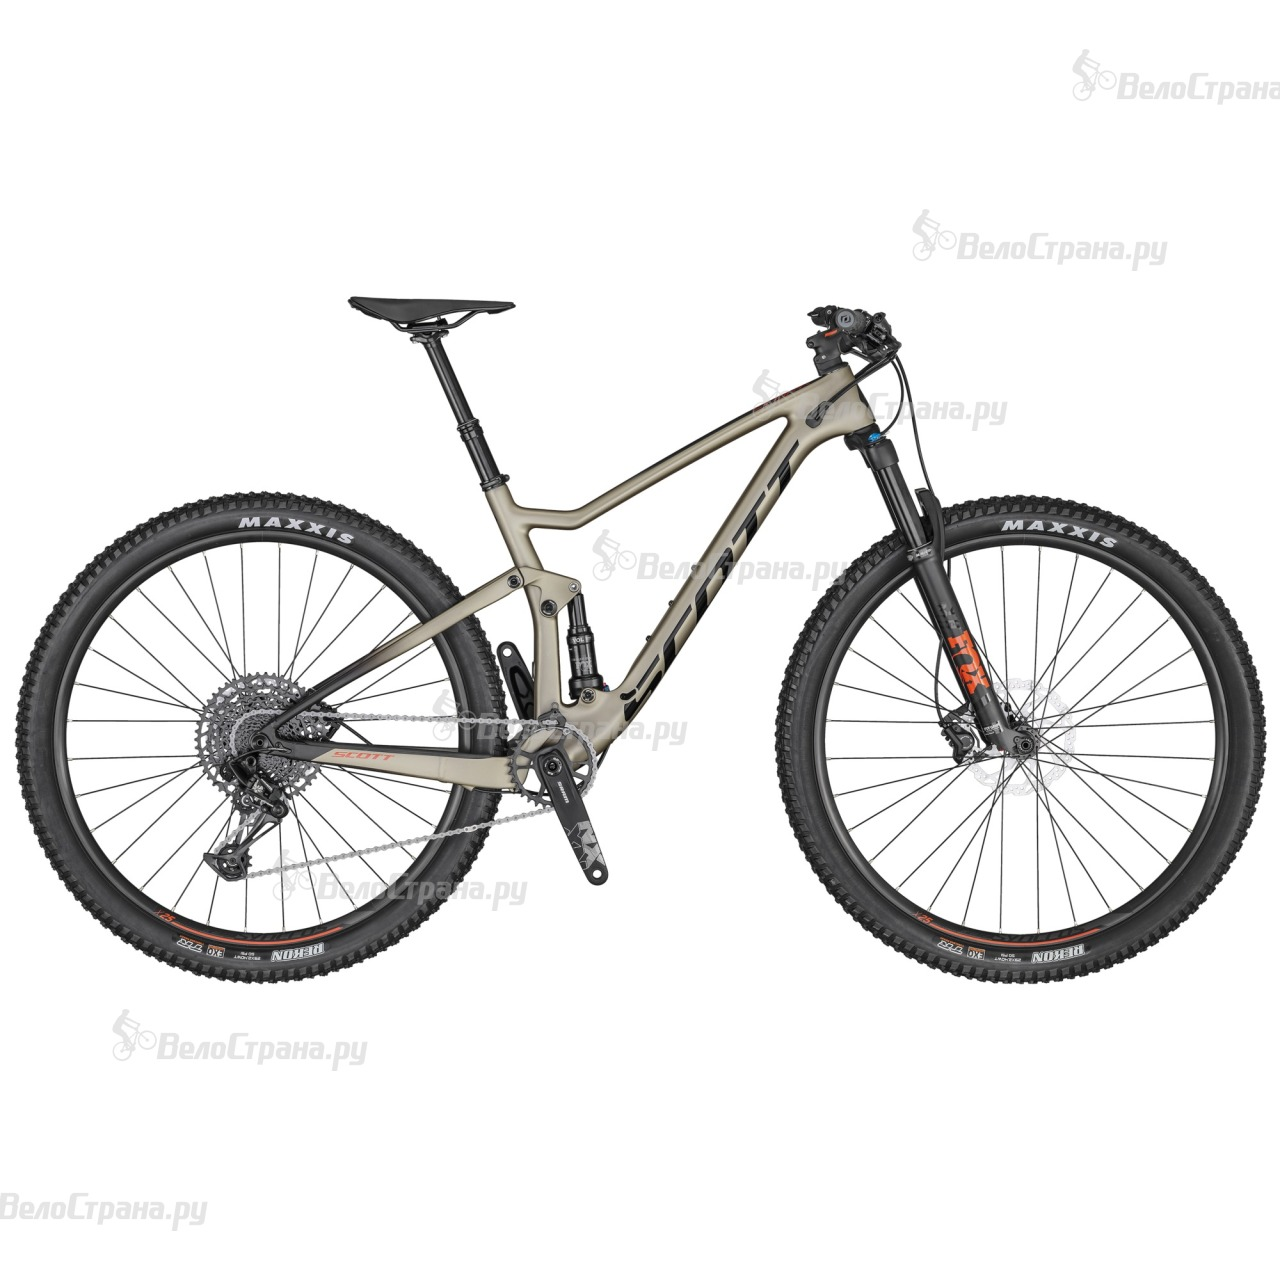 SCOTT CONTESSA SPARK 930 2020 - Megabike Plus